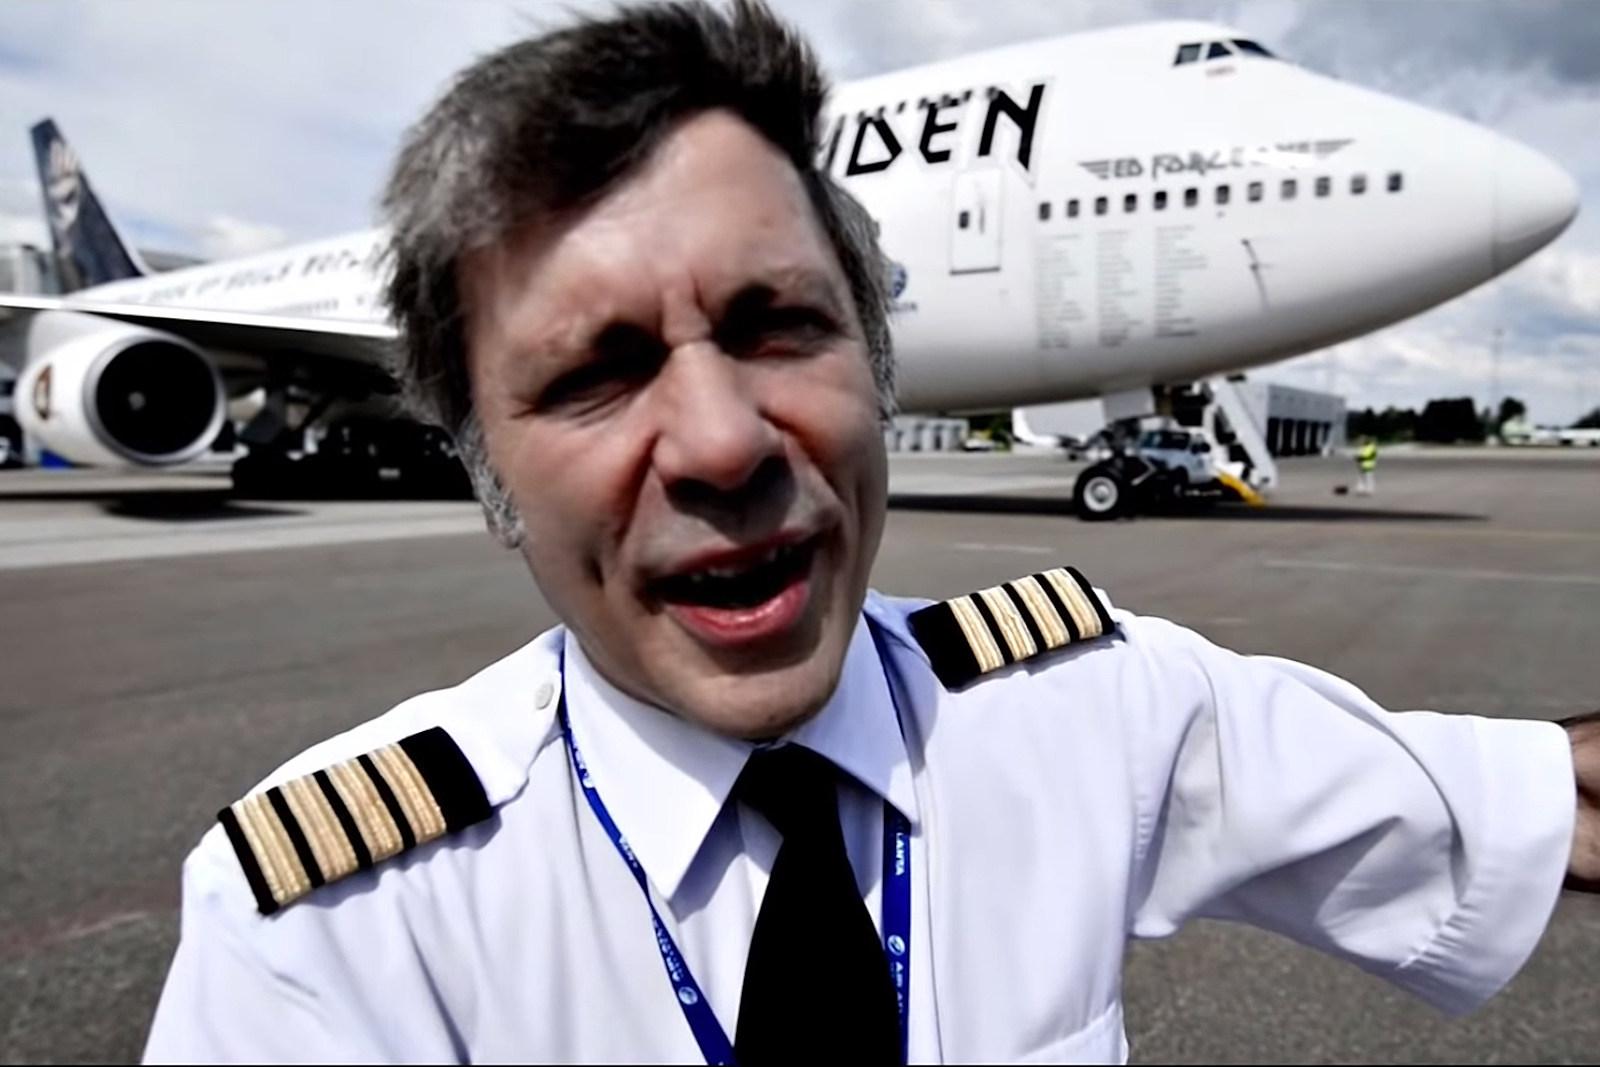 Bruce Dickinson Recalls 'Distressing' Termination as Pilot